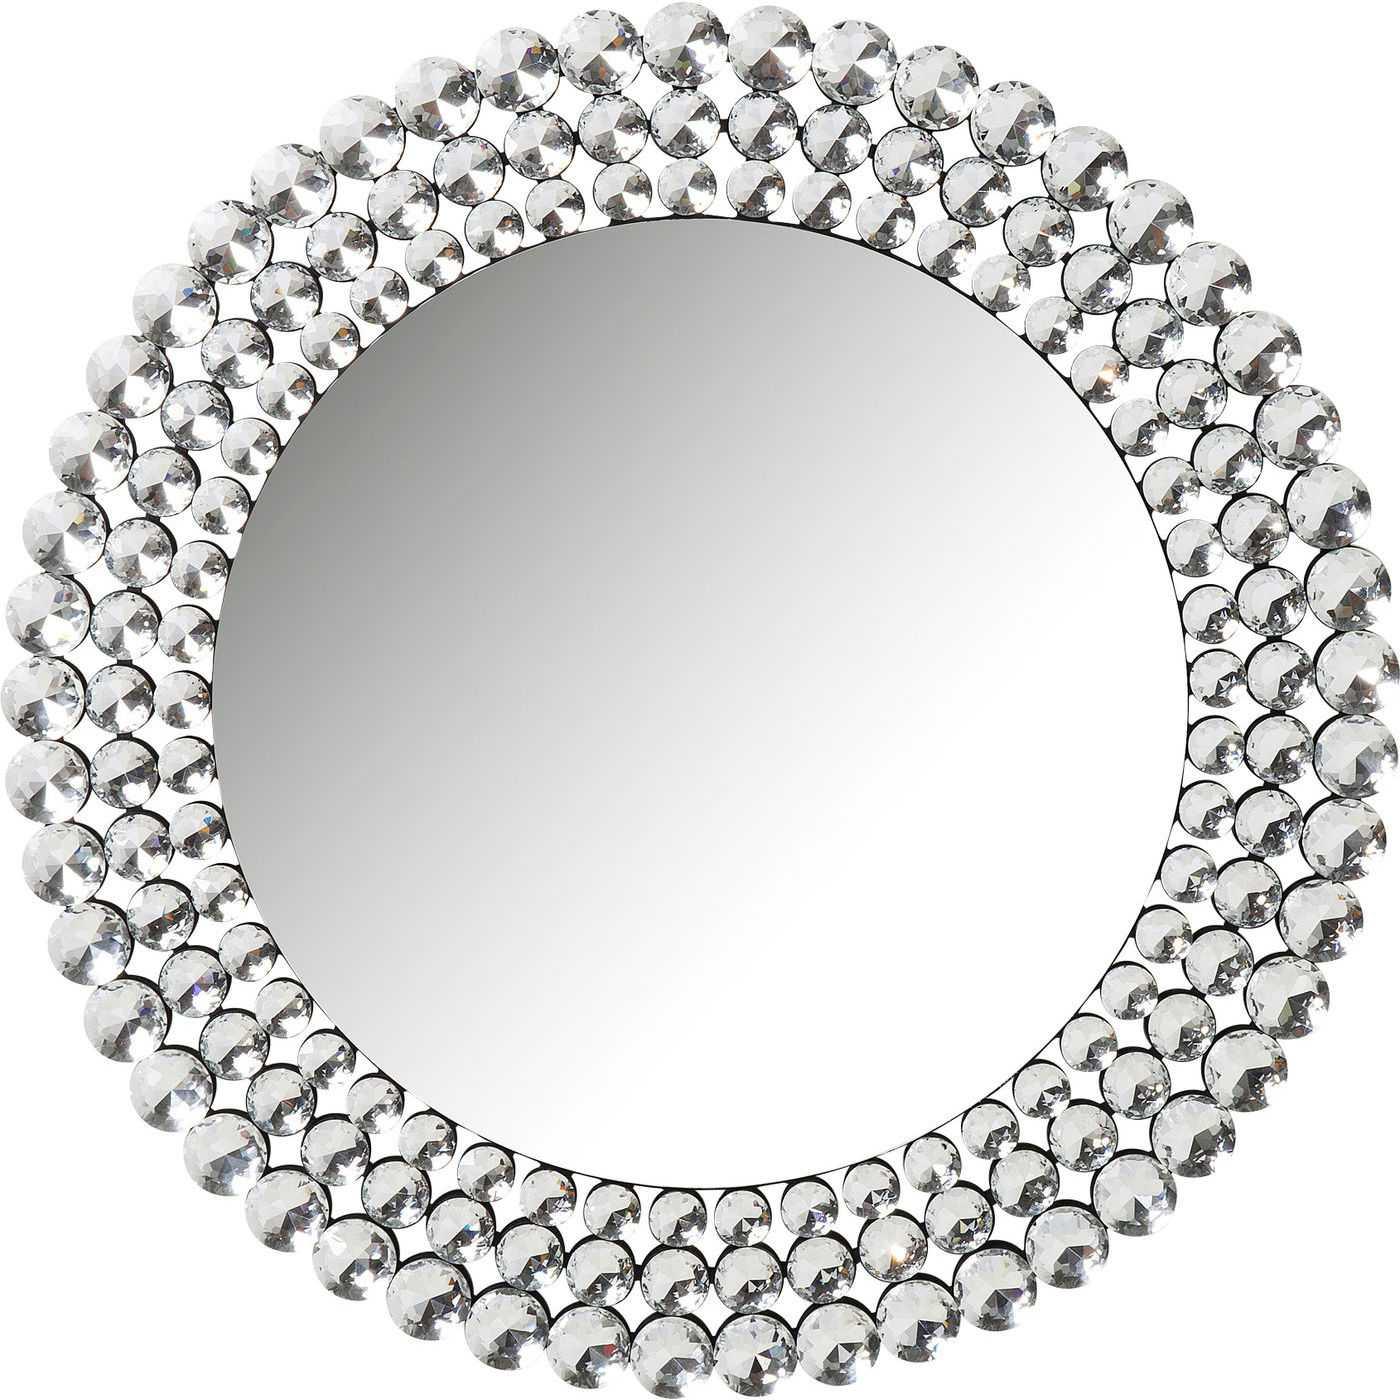 Kare design diamond fever vægspejl - spejlglas, rundt (ø100) fra kare design på boboonline.dk